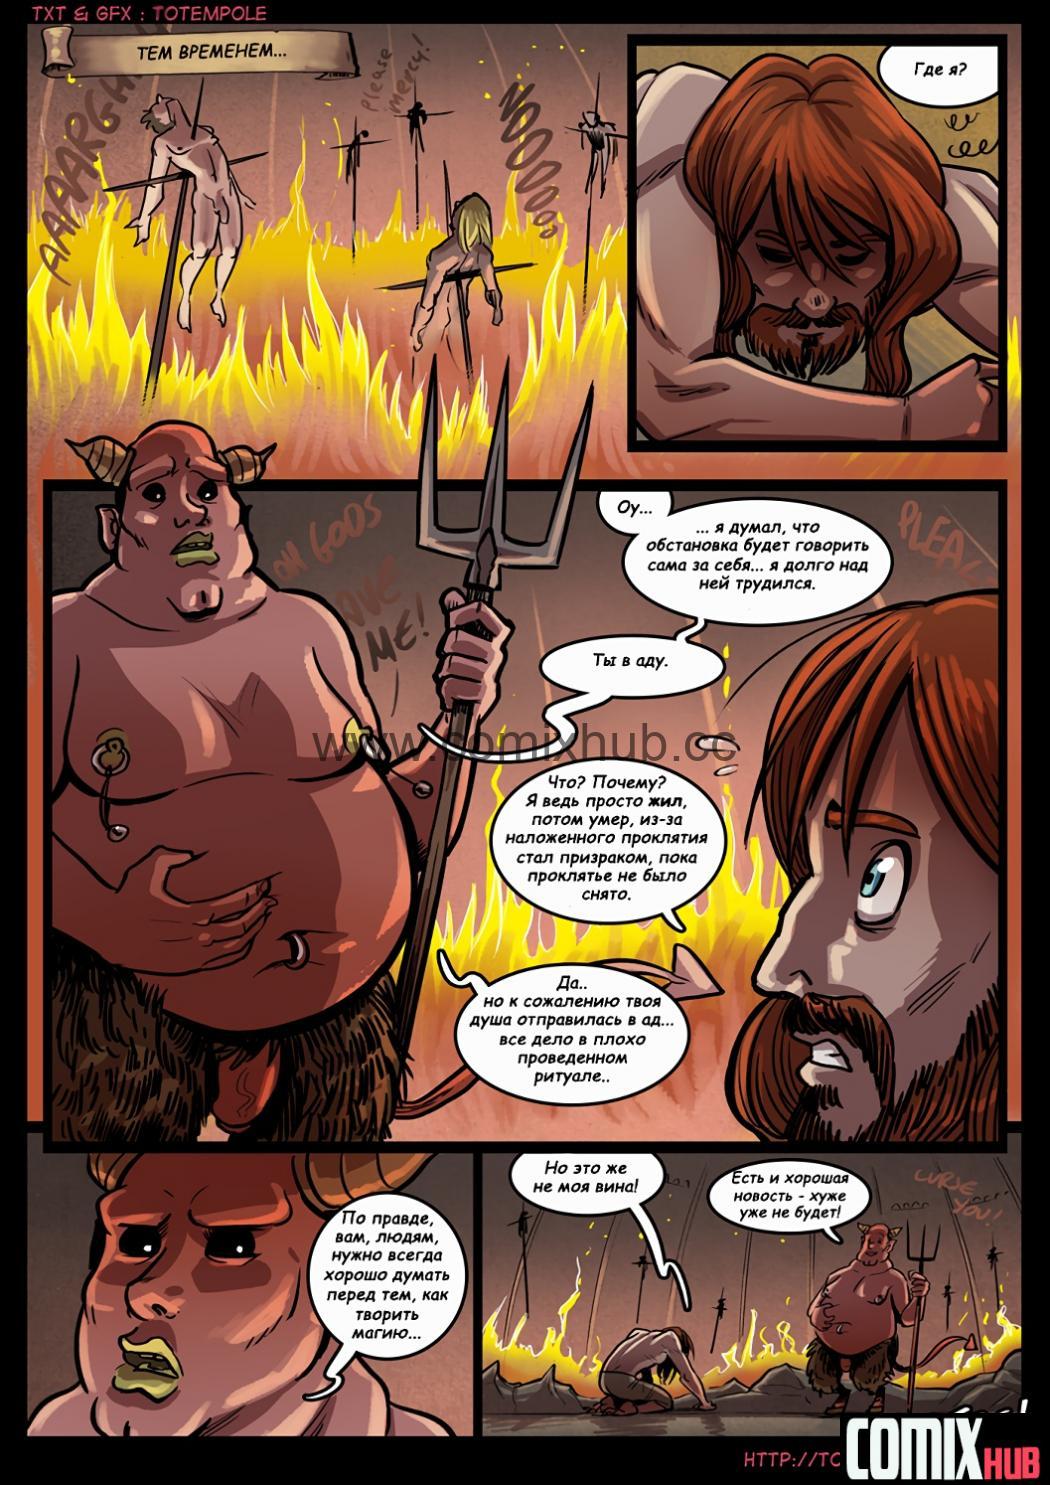 Порно комикс, Волшебница, часть 14 Порно комиксы, Без цензуры, Большая грудь, Большая попа, Большие члены, Мастурбация, Монстры, Супер-герои, Фемдом